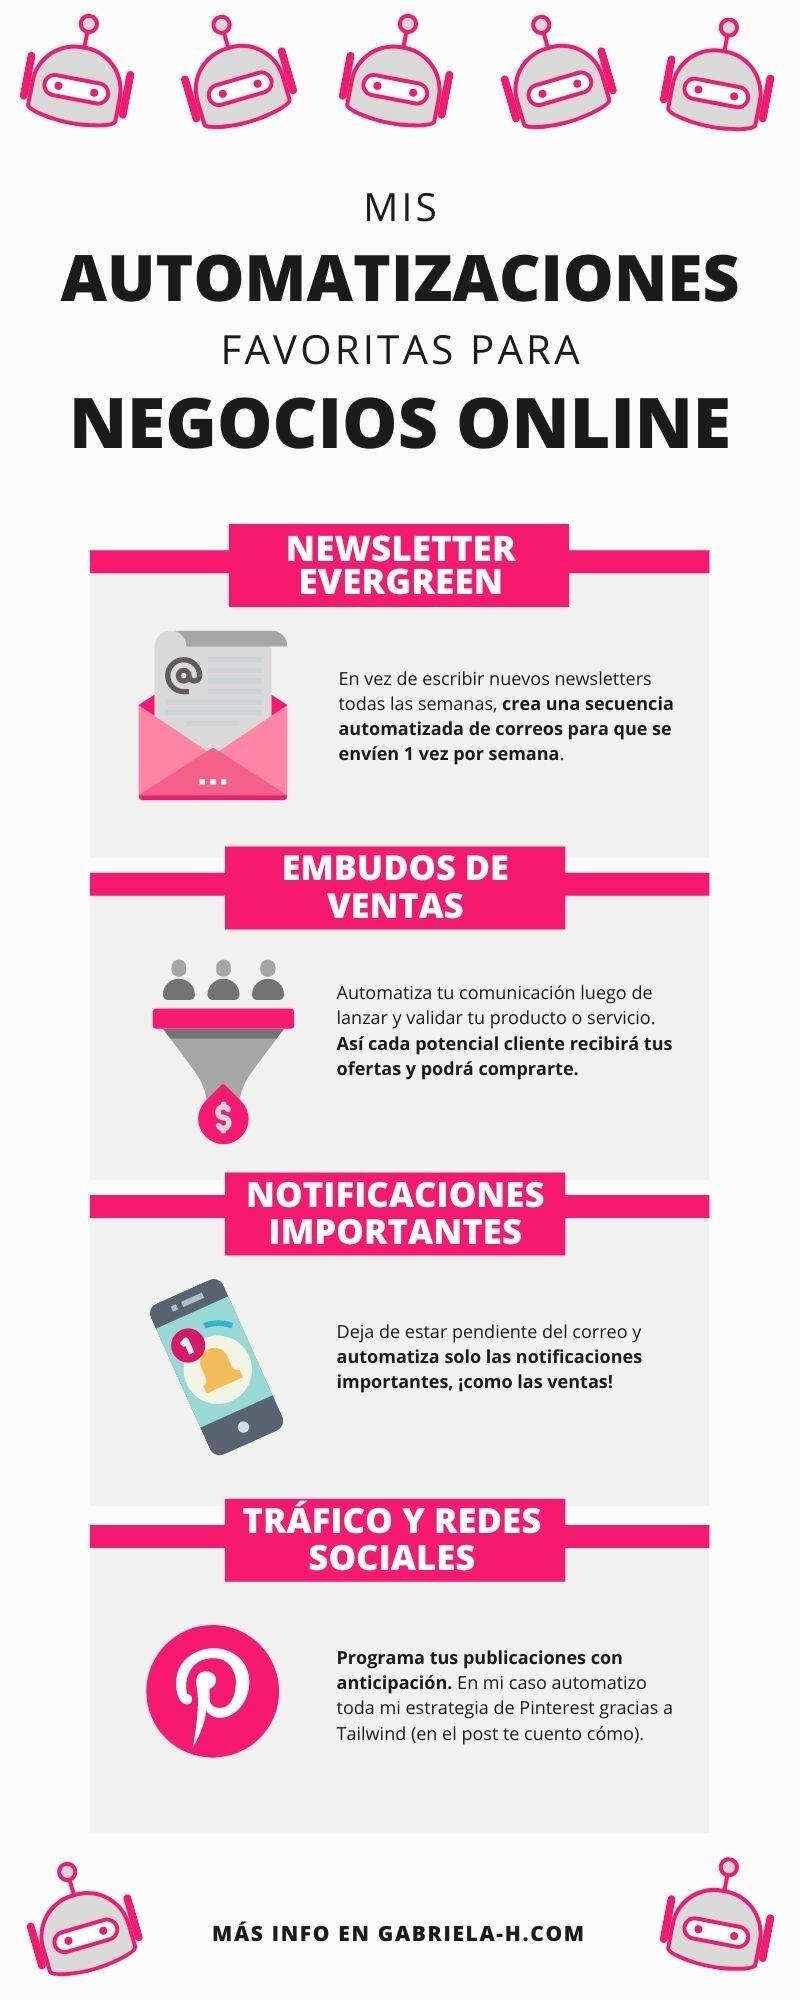 Automatizaciones Favoritas para Negocios Online infografía.jpg